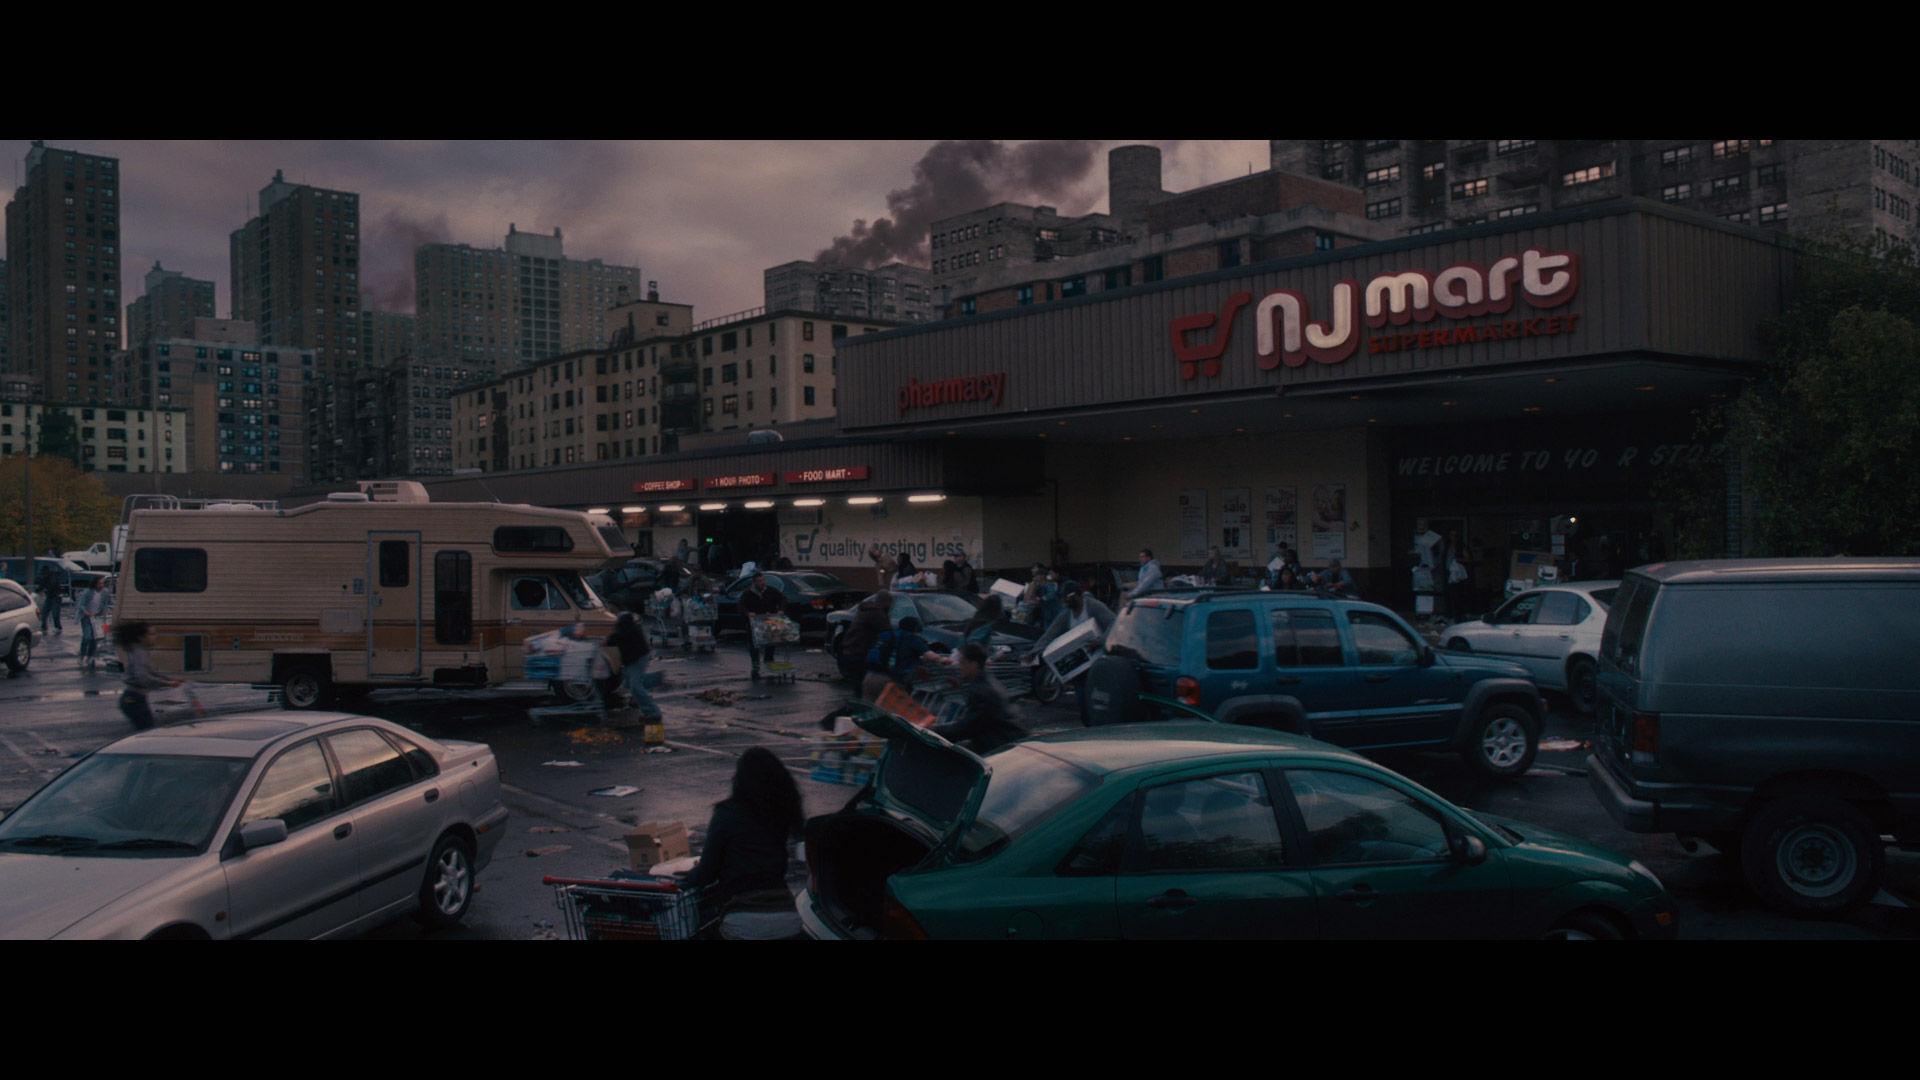 Llegáis al supermercado. La gente se pelea por la comida y los medicamentos, hay gente armada y una autocaravana...